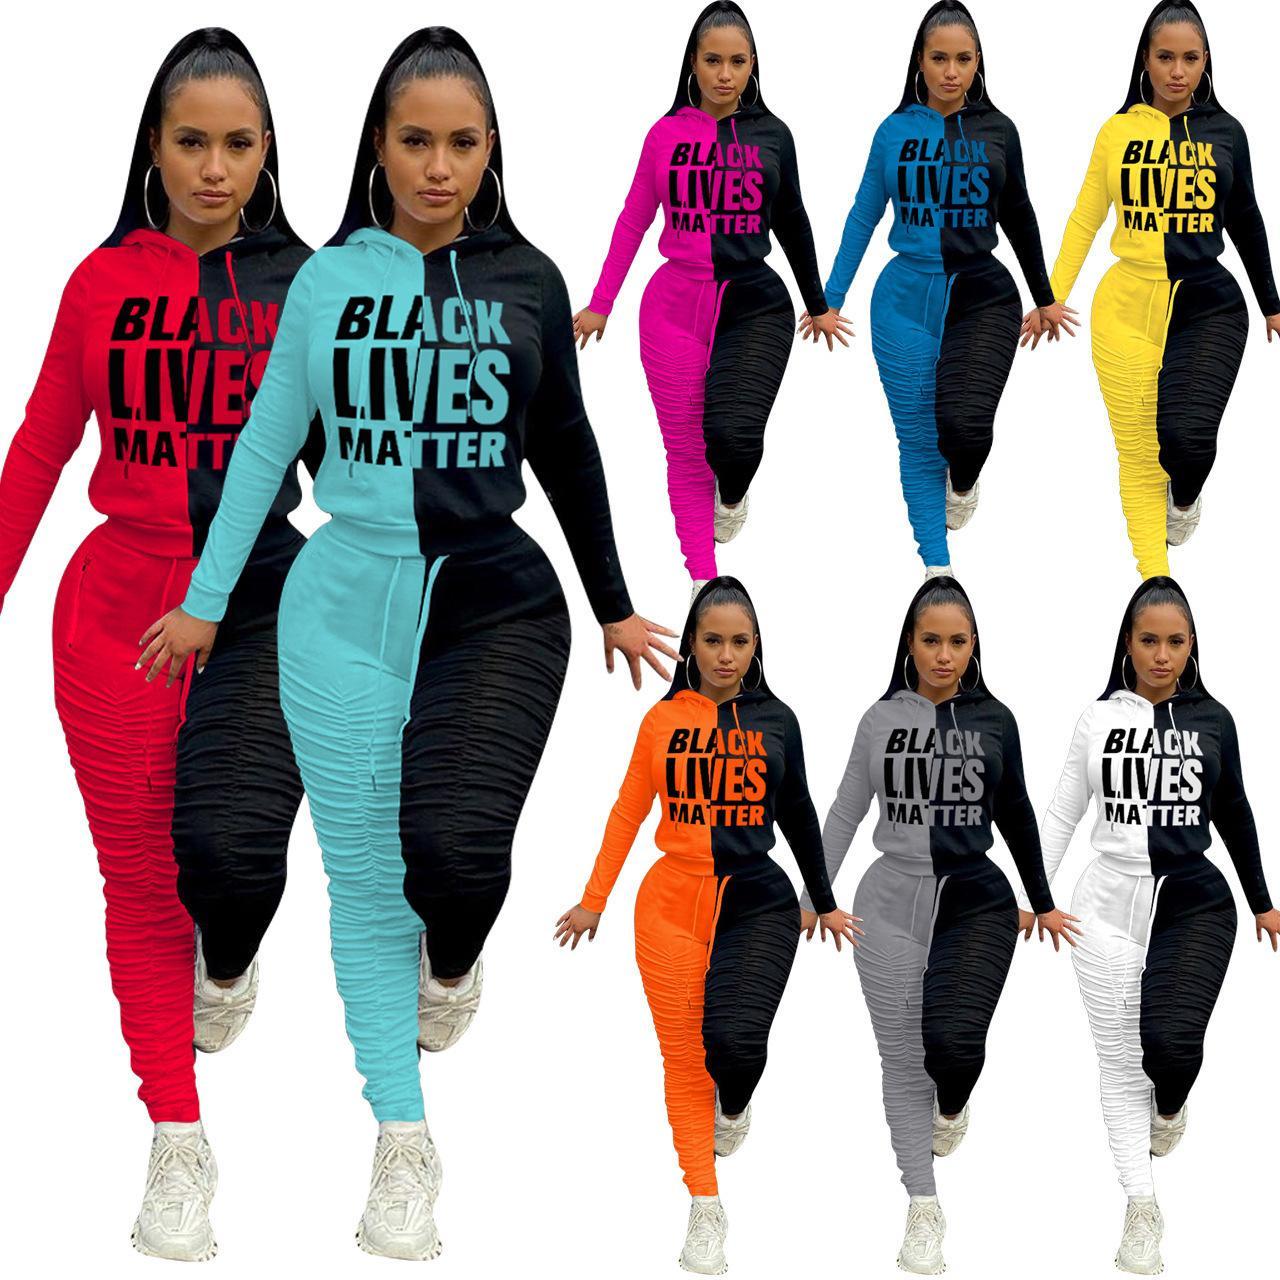 가을 여성 두 조각 복장 스포츠 tracksuits 오프셋 스티치 스티치 pleated 바지 패브릭 두꺼운 sportsuit 컬러 인쇄 조깅 슈트